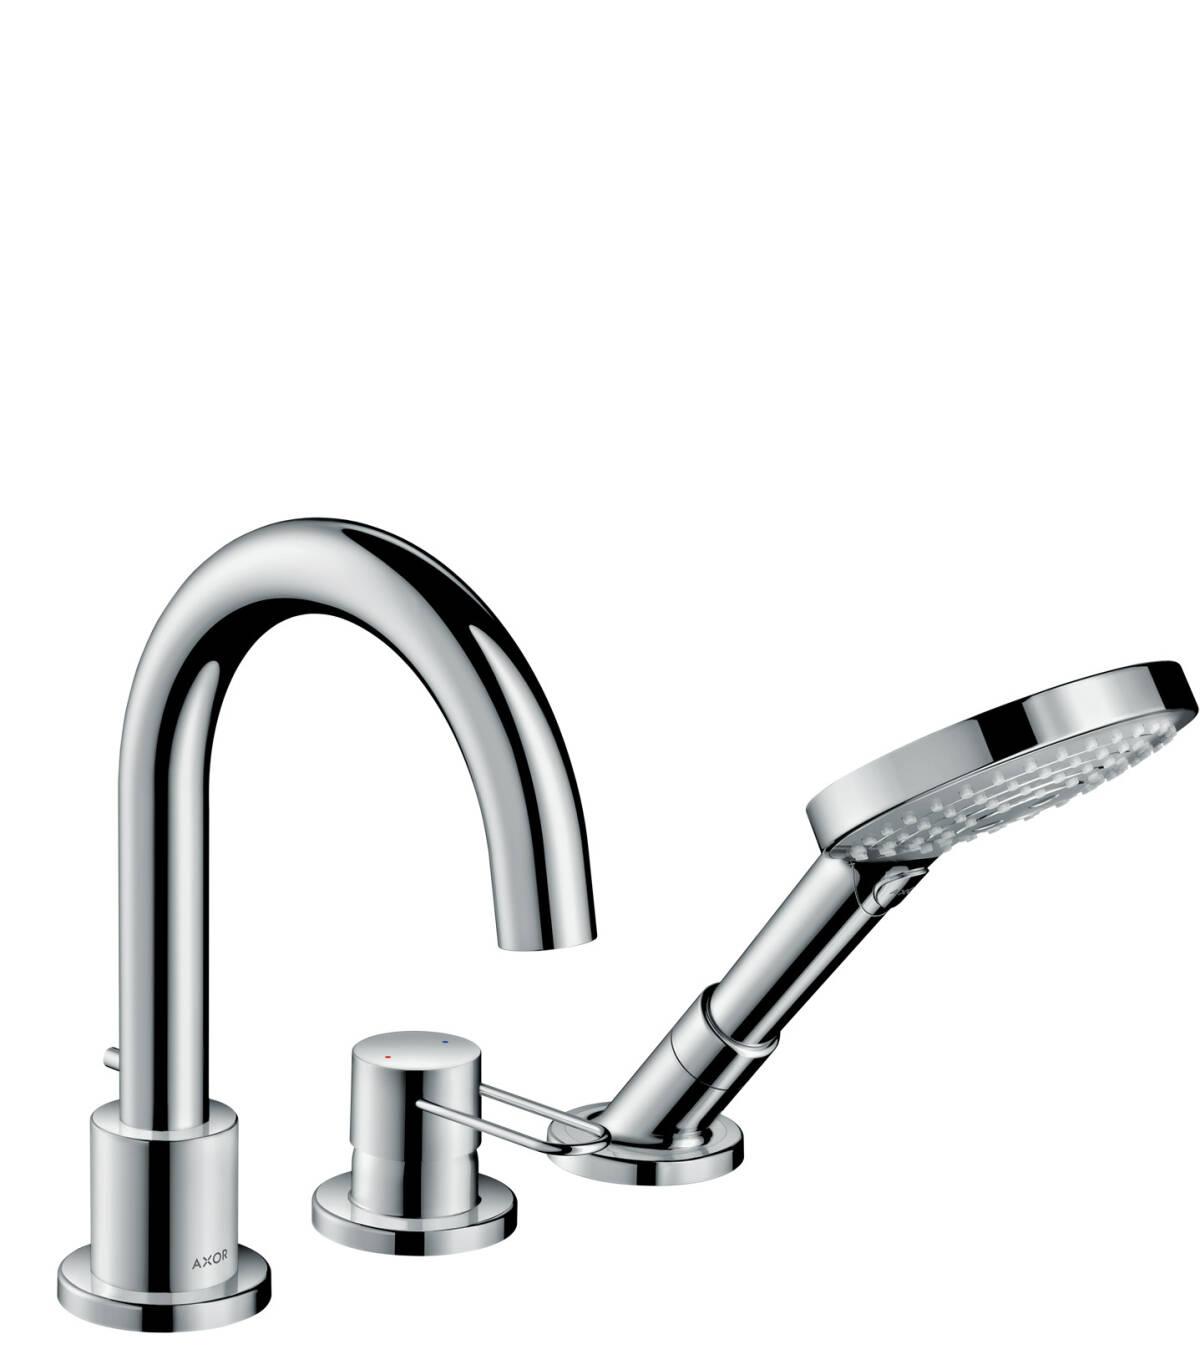 Grifería de 3 agujeros para montaje sobre borde de bañera con manecilla Loop, color oro pulido, 38436990